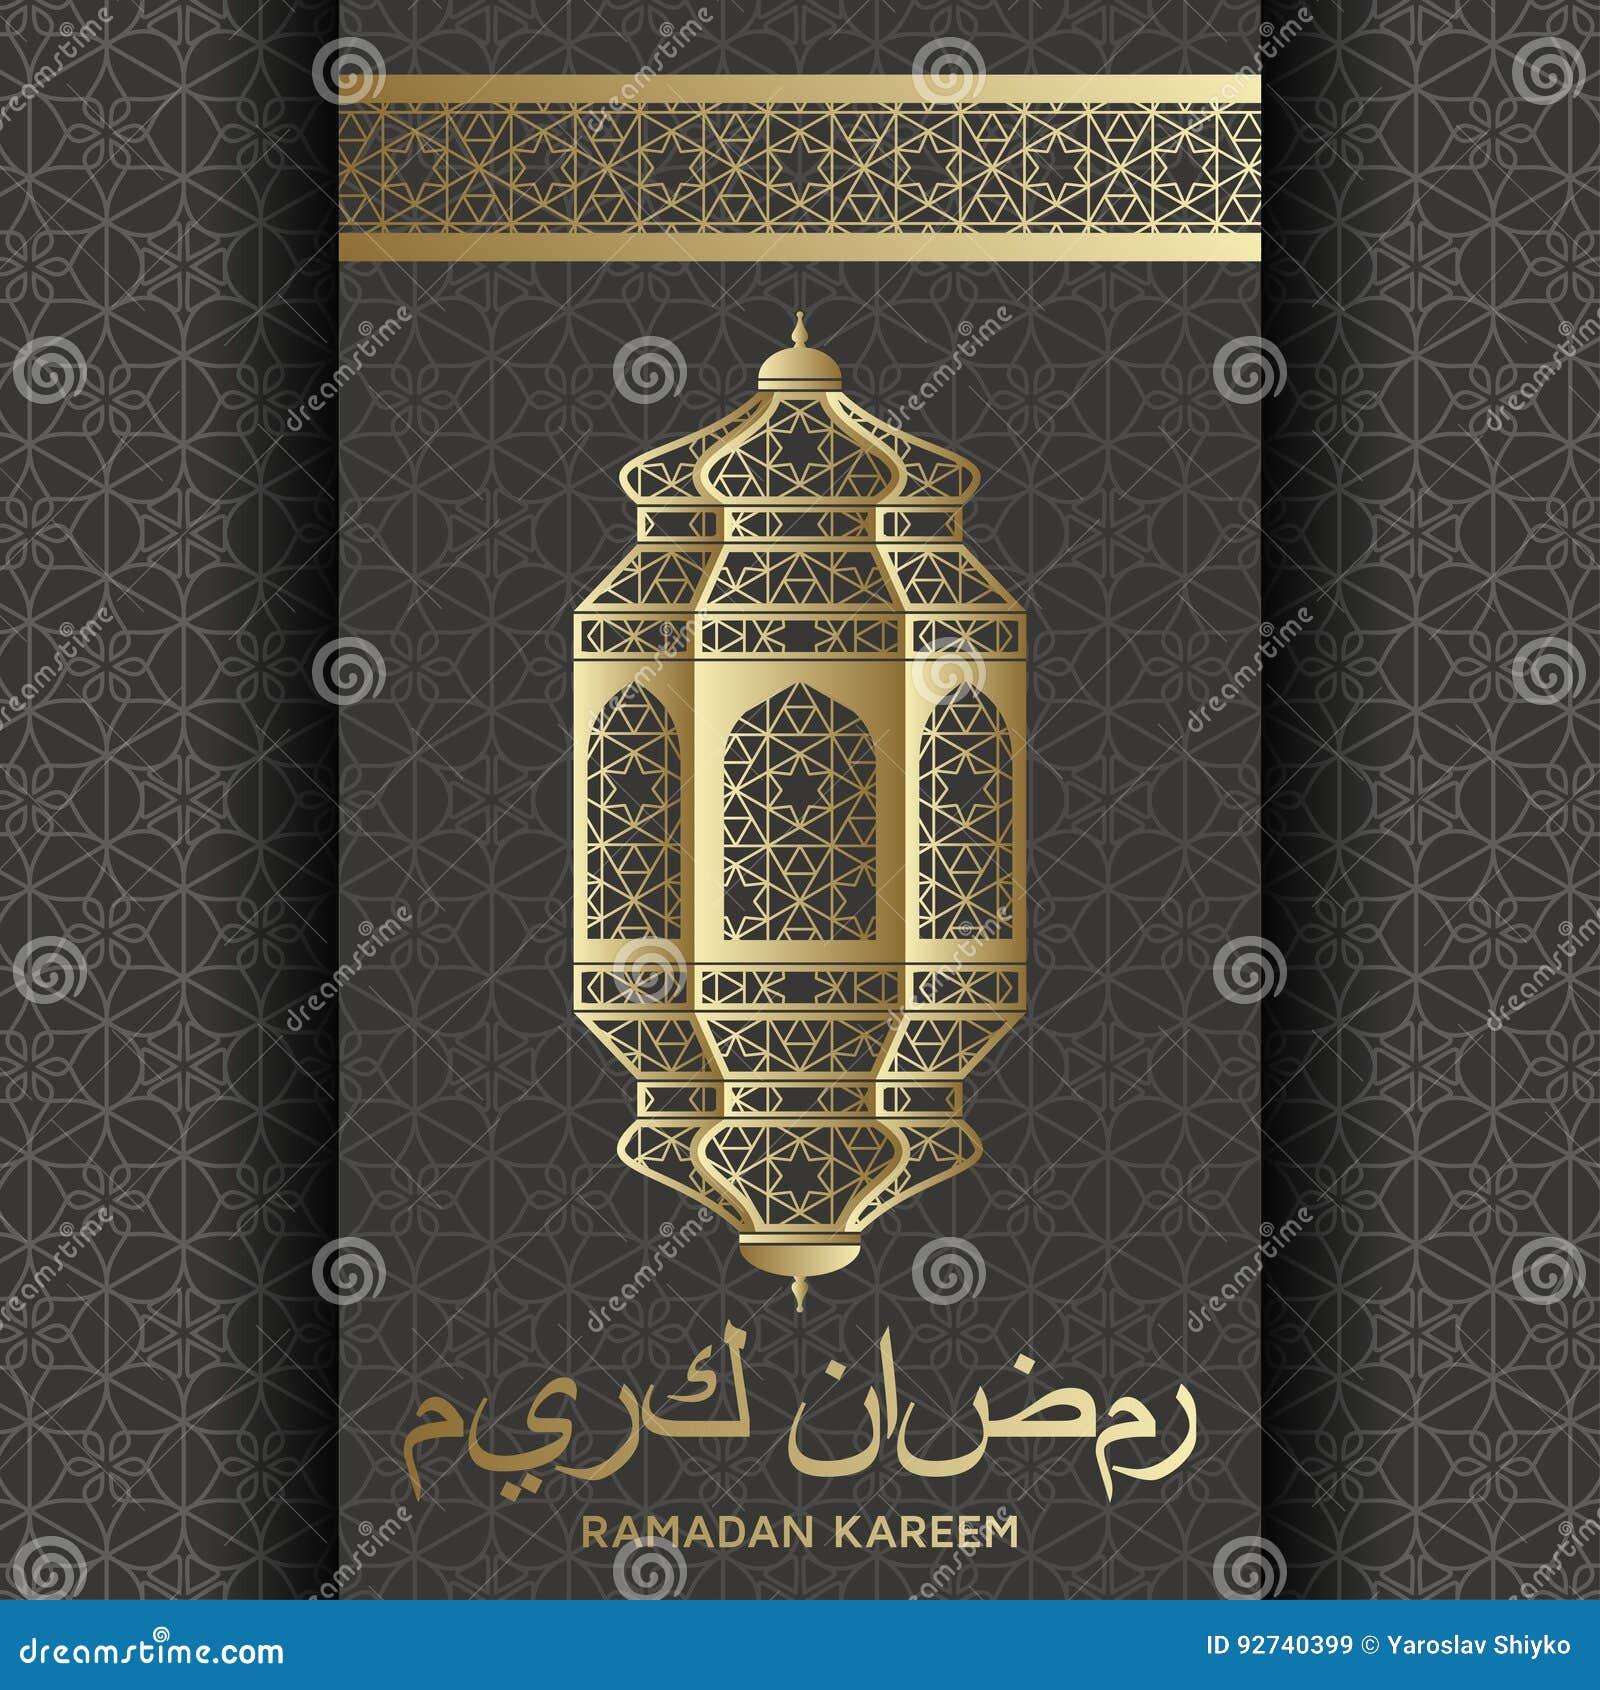 赖买丹月Kareem背景 伊斯兰教的阿拉伯灯笼 翻译赖买丹月Kareem 2007个看板卡招呼的新年好